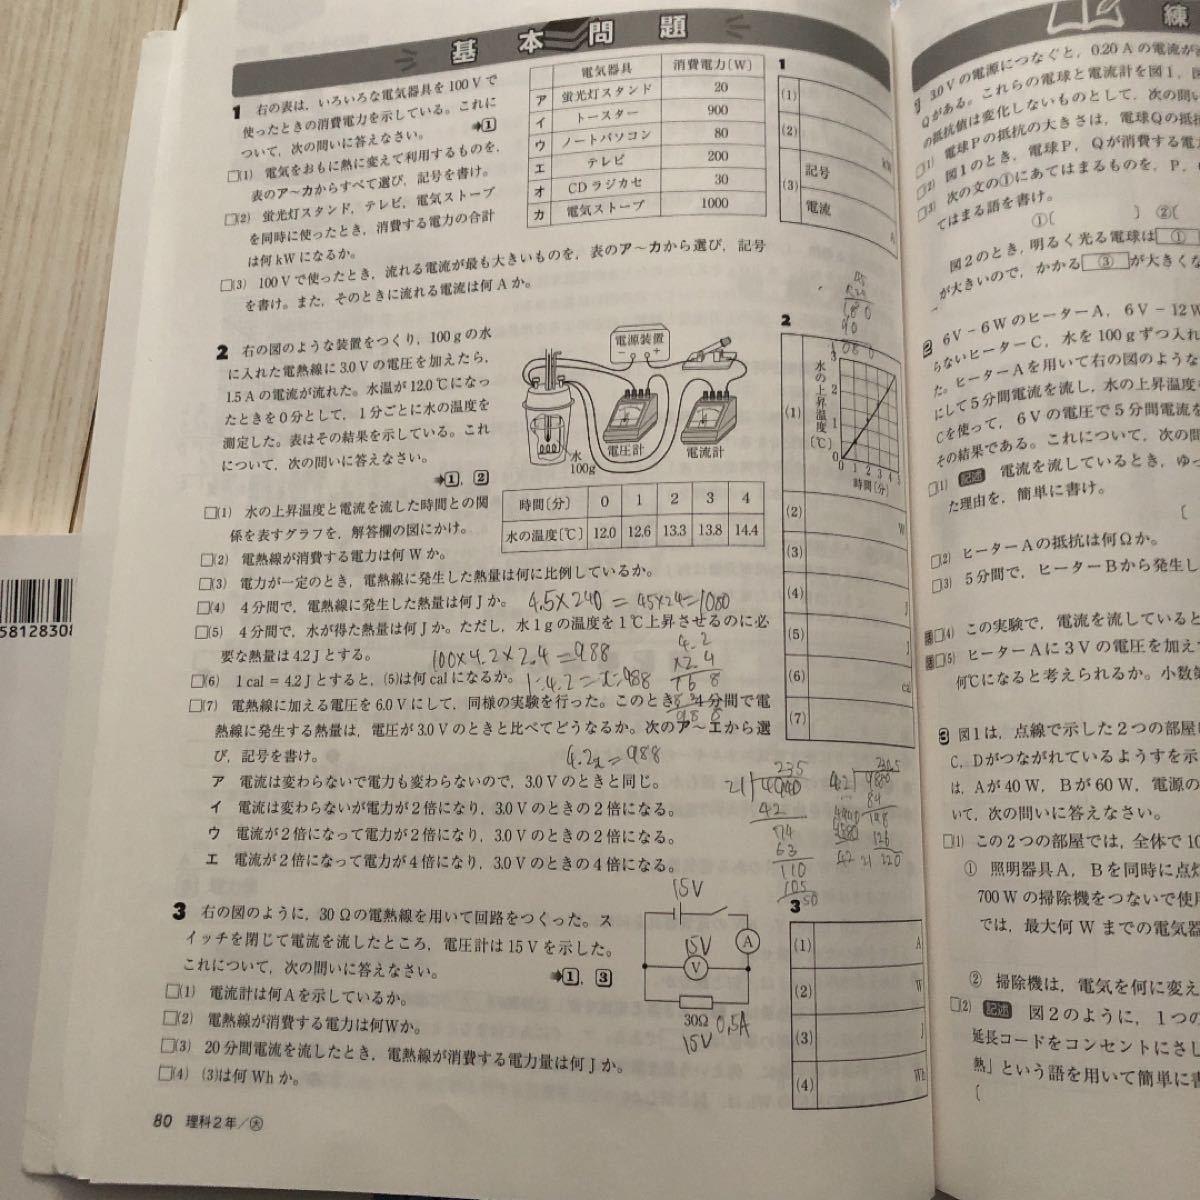 中学必修テキスト国語&ワーク理科 中2 定期テスト対策 問題集